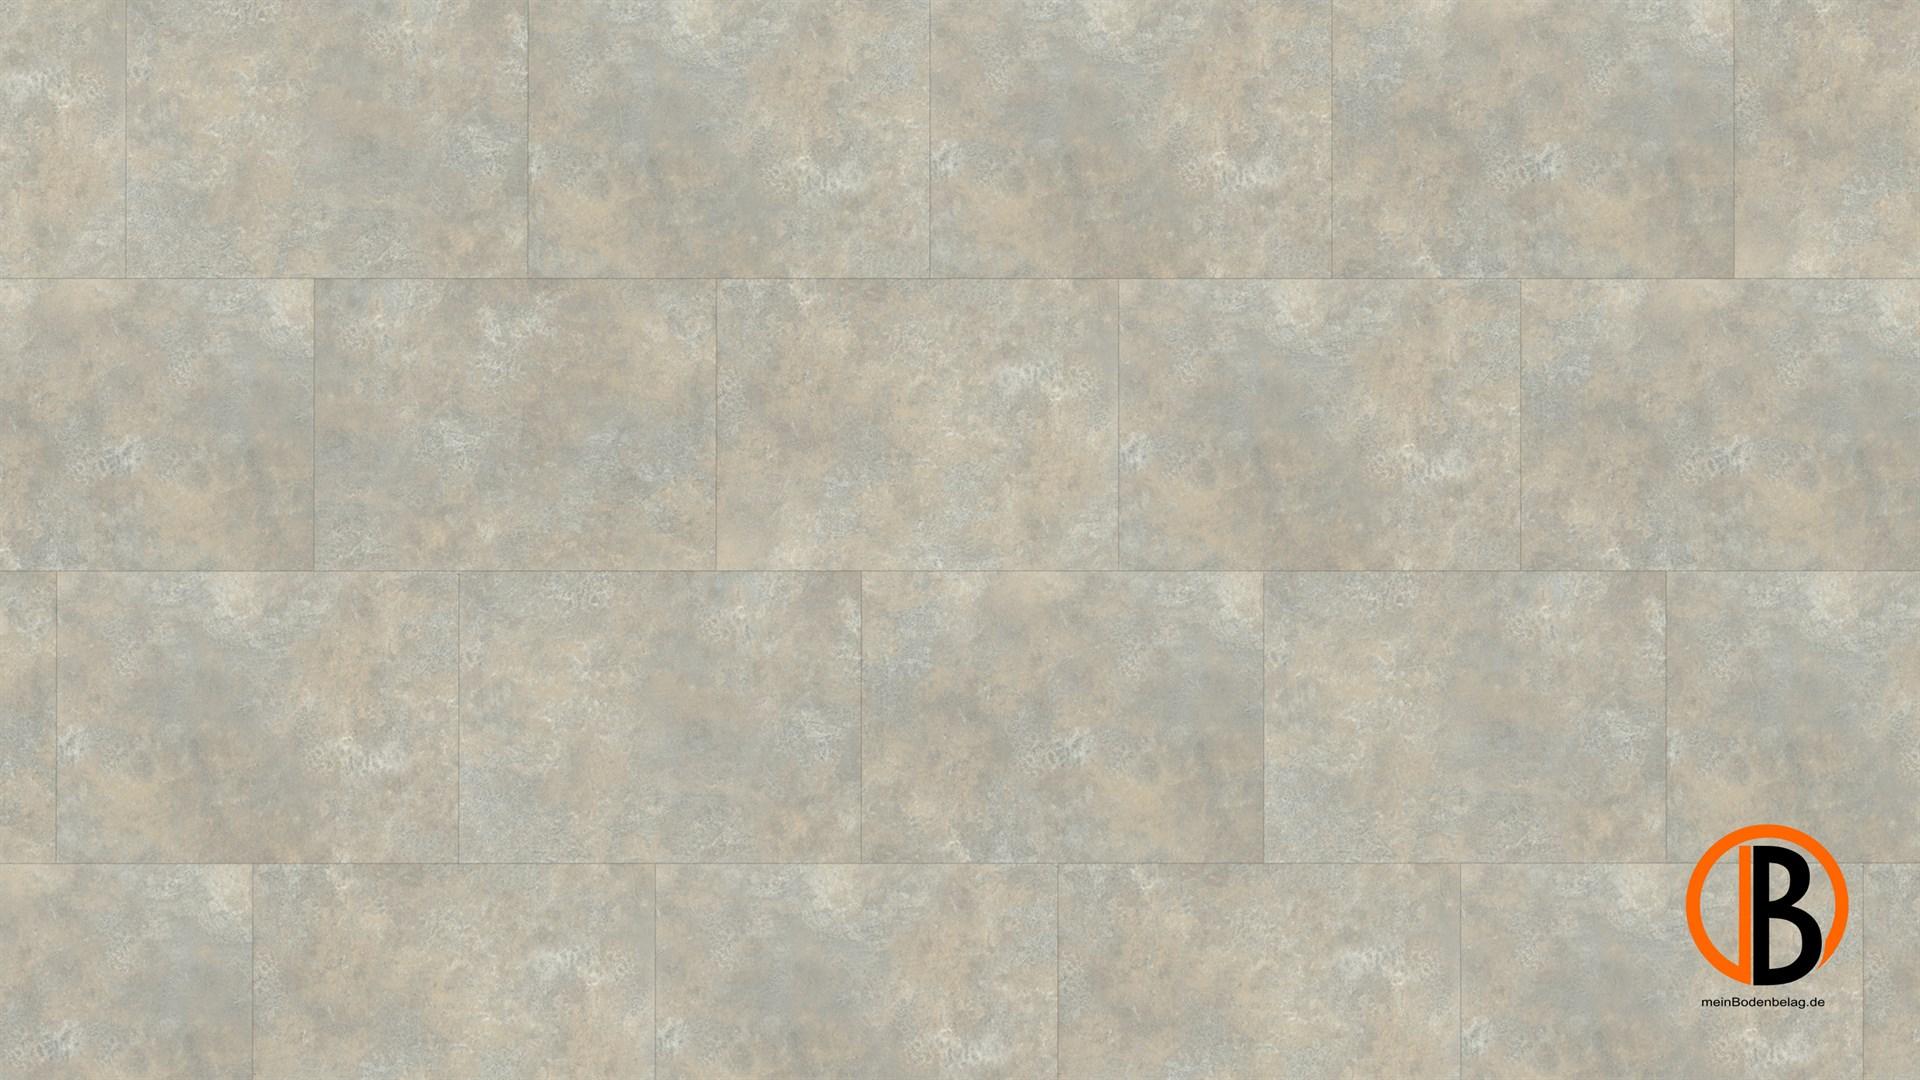 CINQUE KWG DESIGNERVINYL ANTIGUA STONE HDF | 10000235;0 | Bild 1